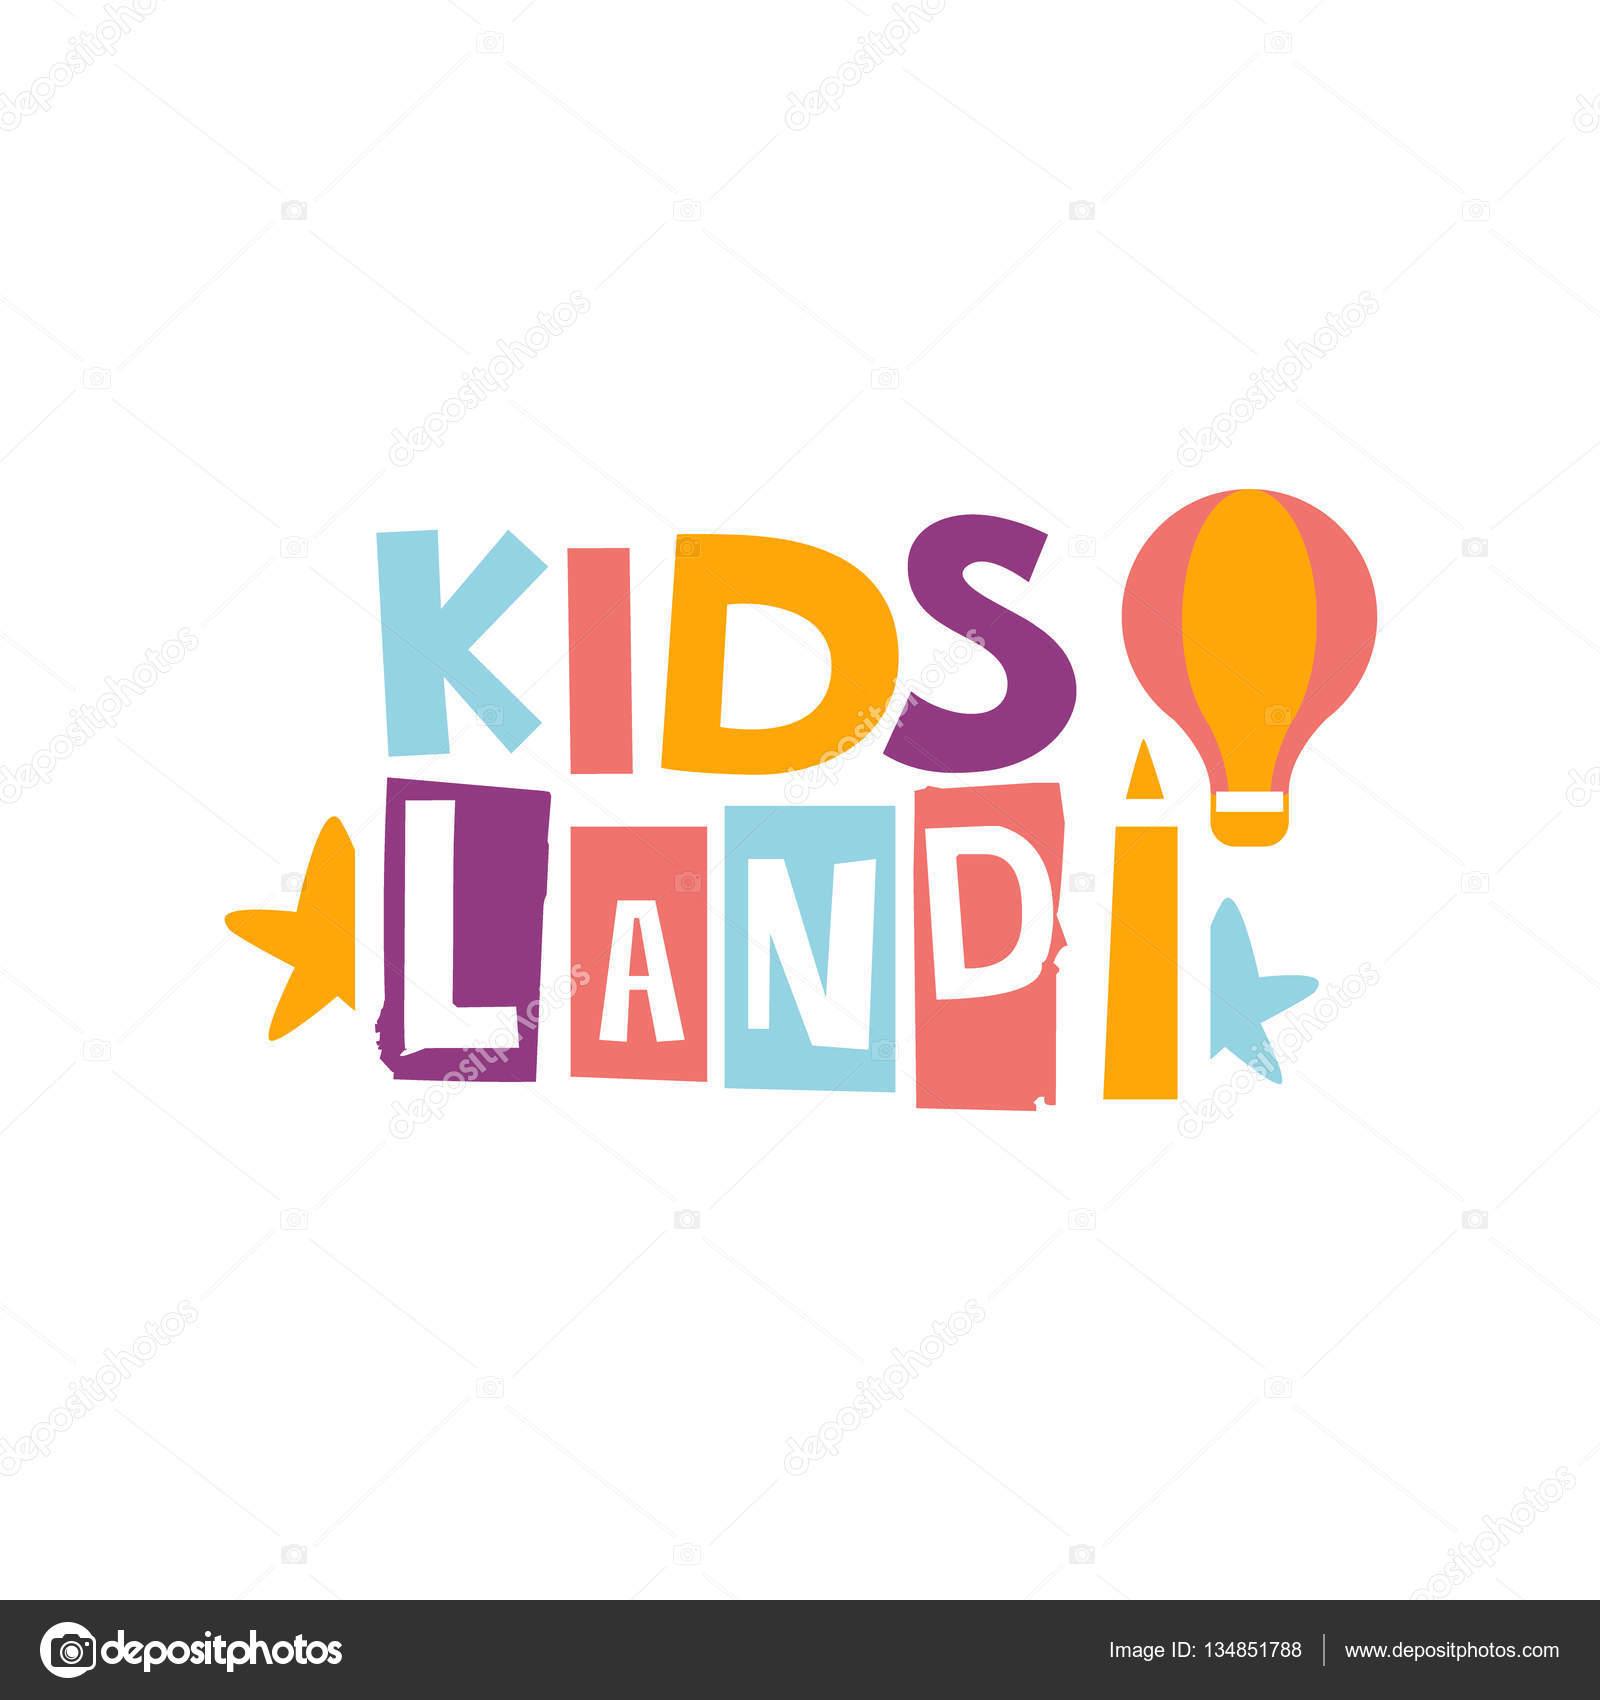 Coupon land canada deposit